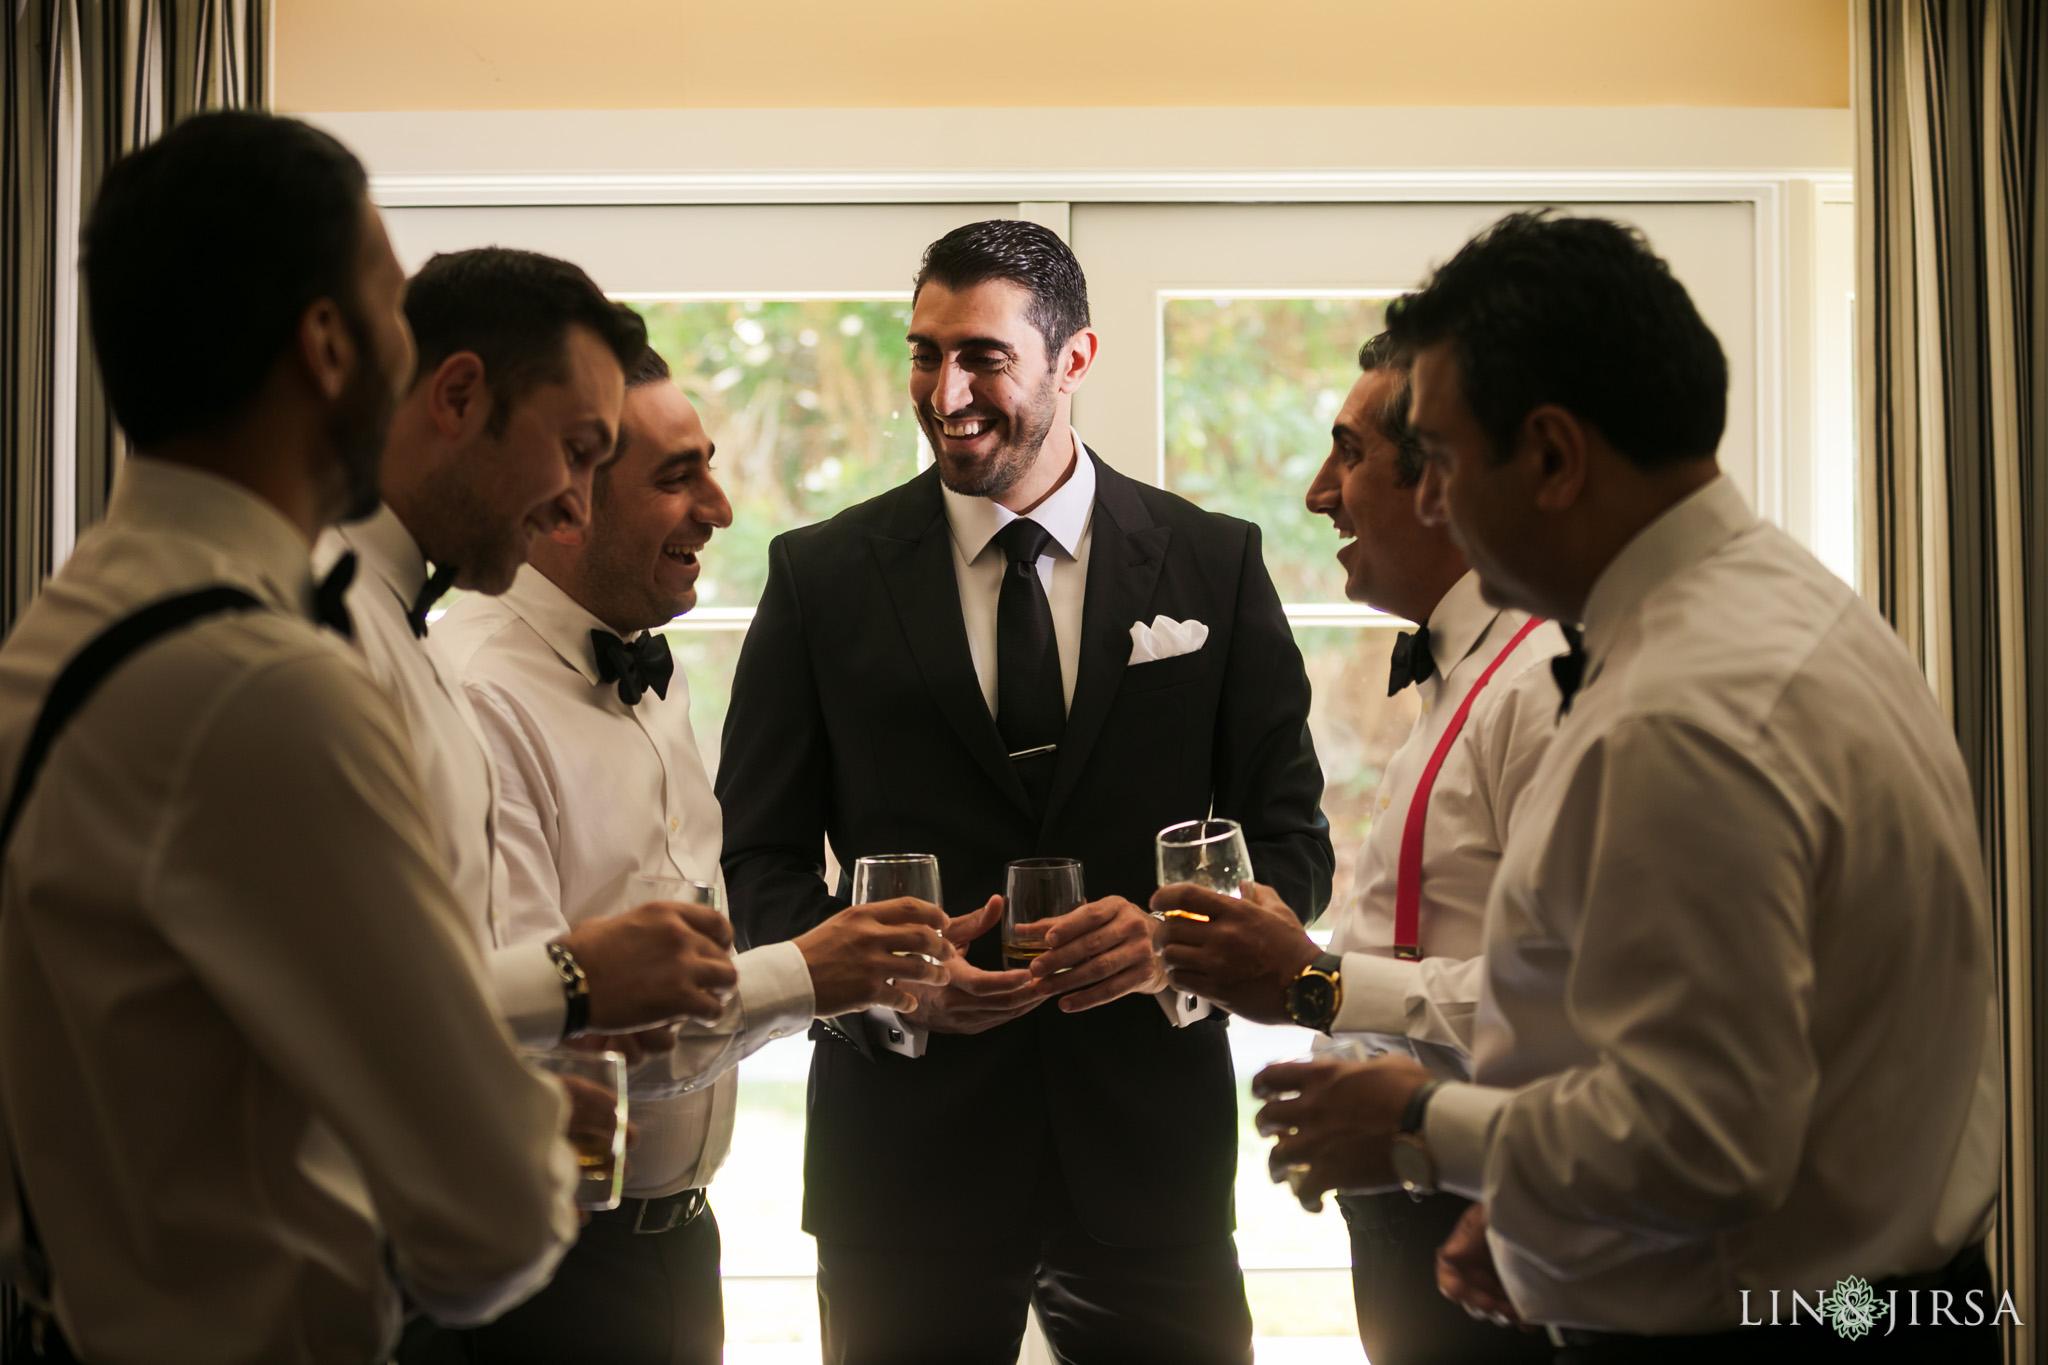 019 estancia la jolla hotel spa persian groomsmen wedding photography